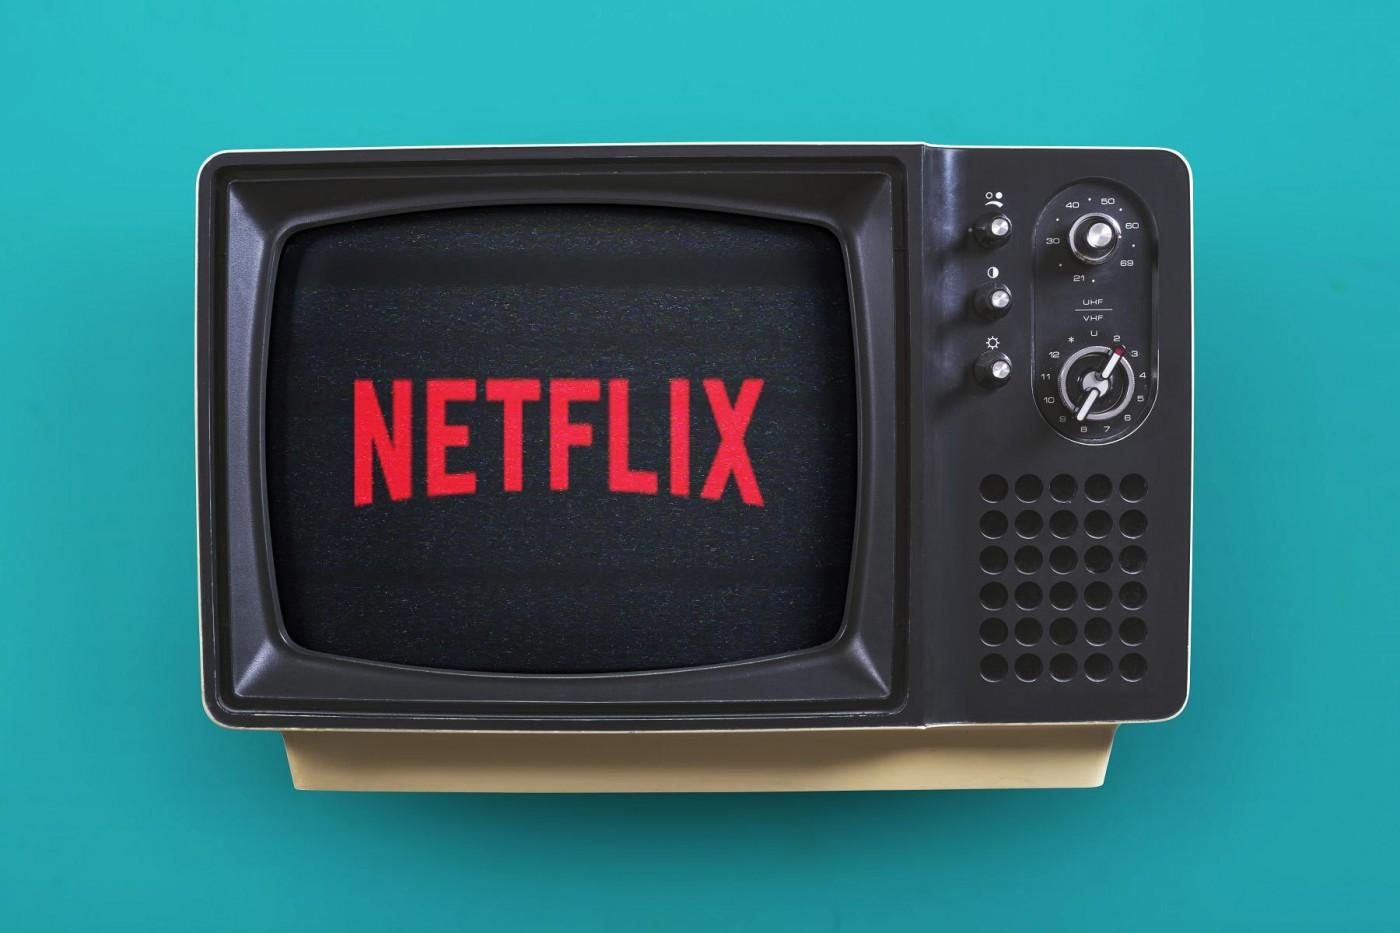 全球串流影音訂閱數正式超過有線電視,全球市場成長34%